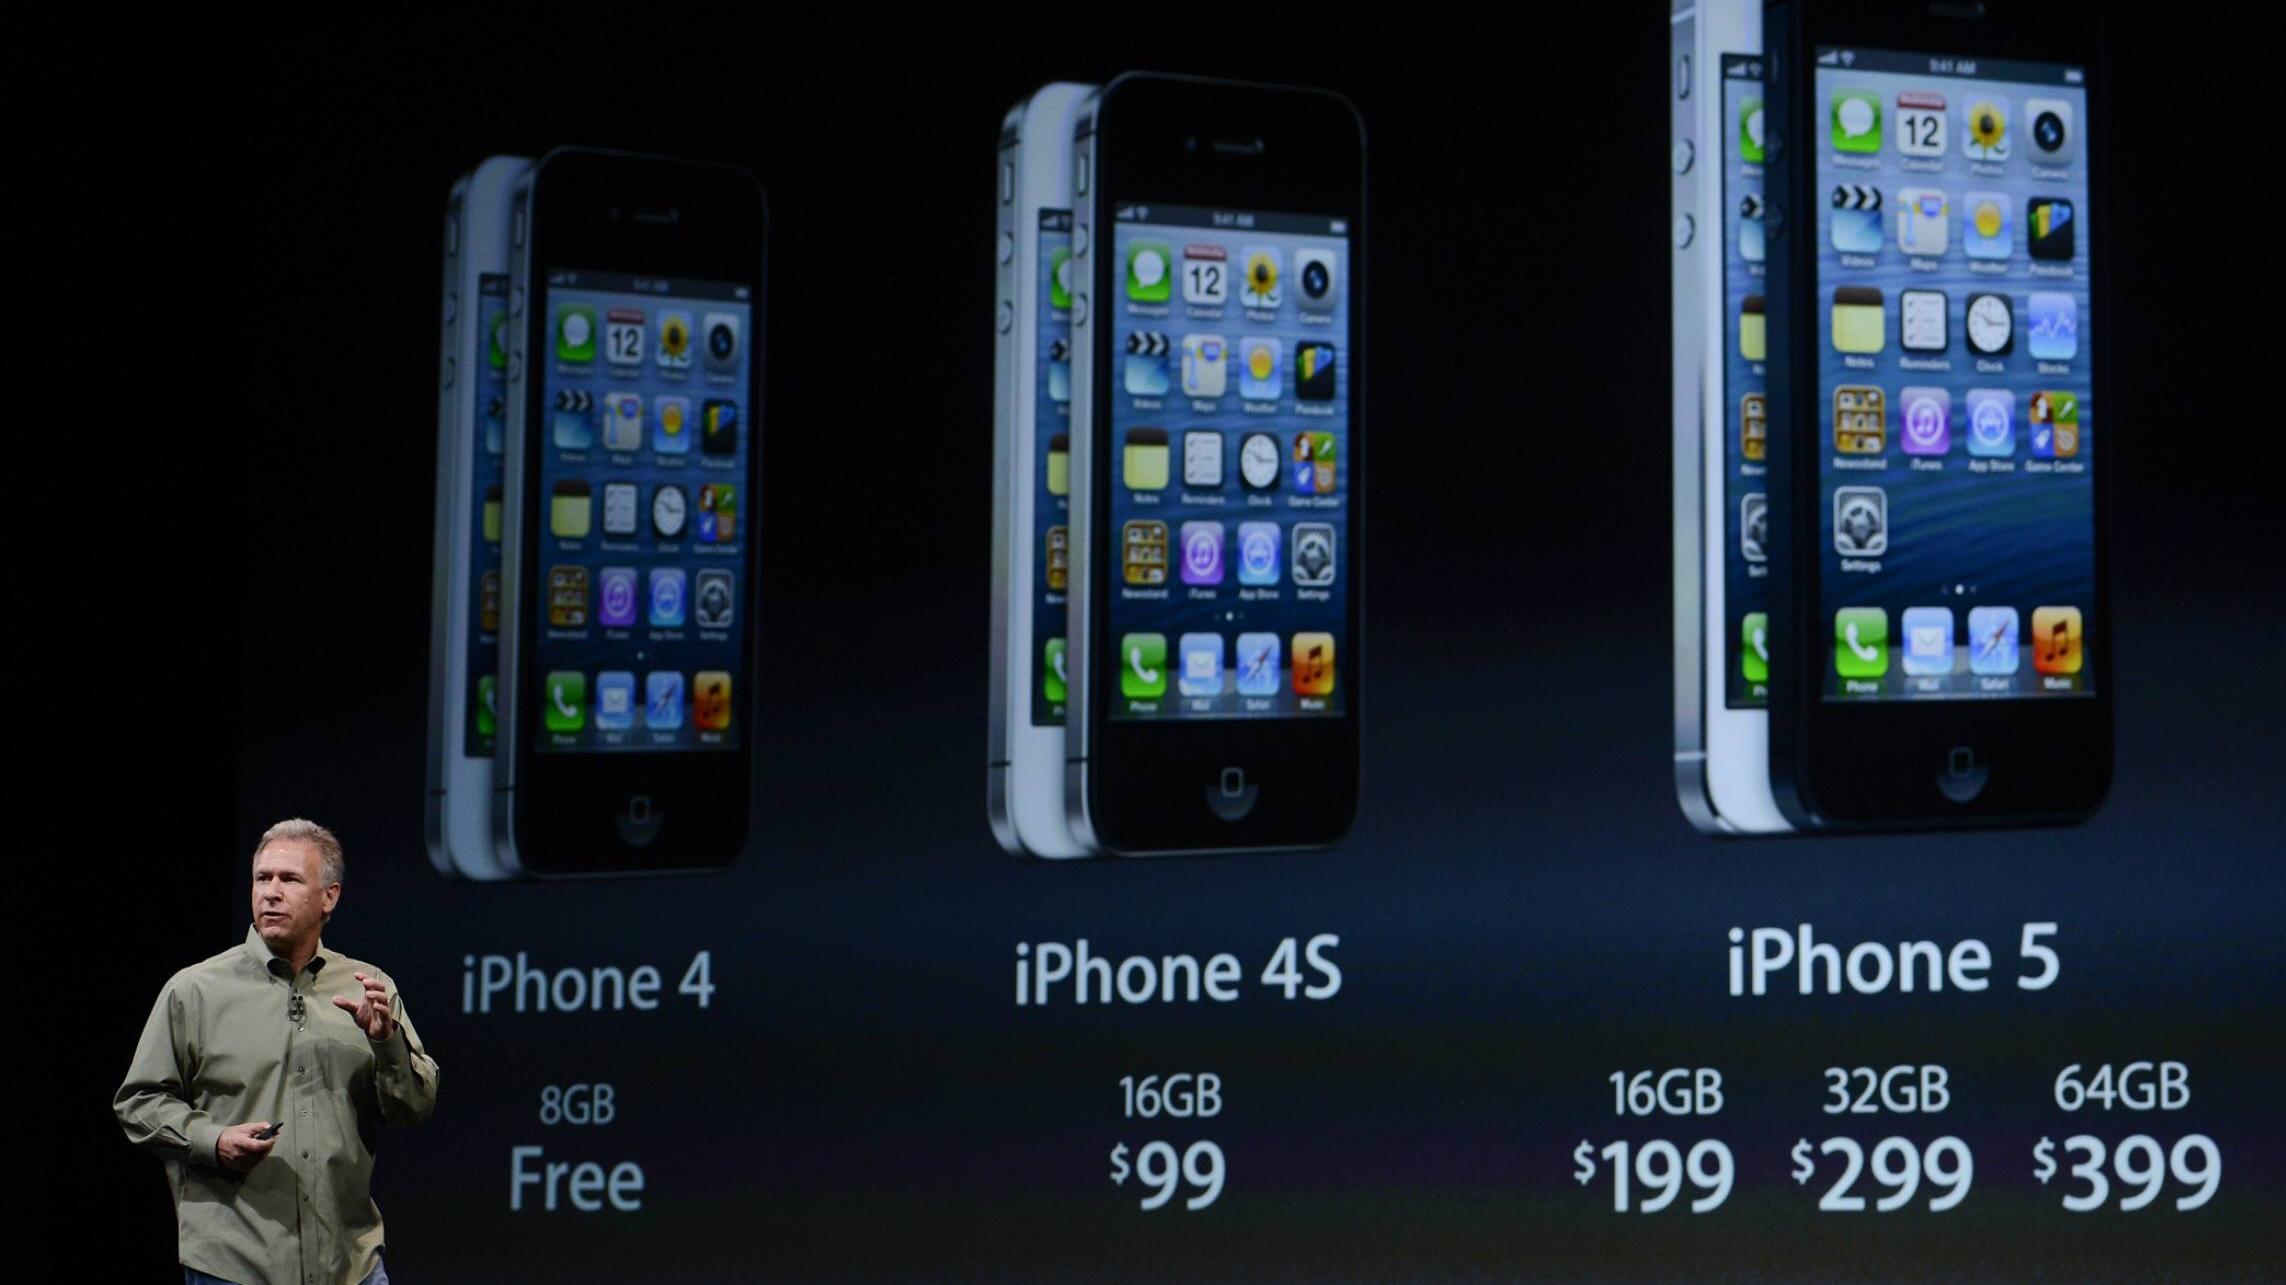 iPhone Reihenfolge: Die Modelle geordnet